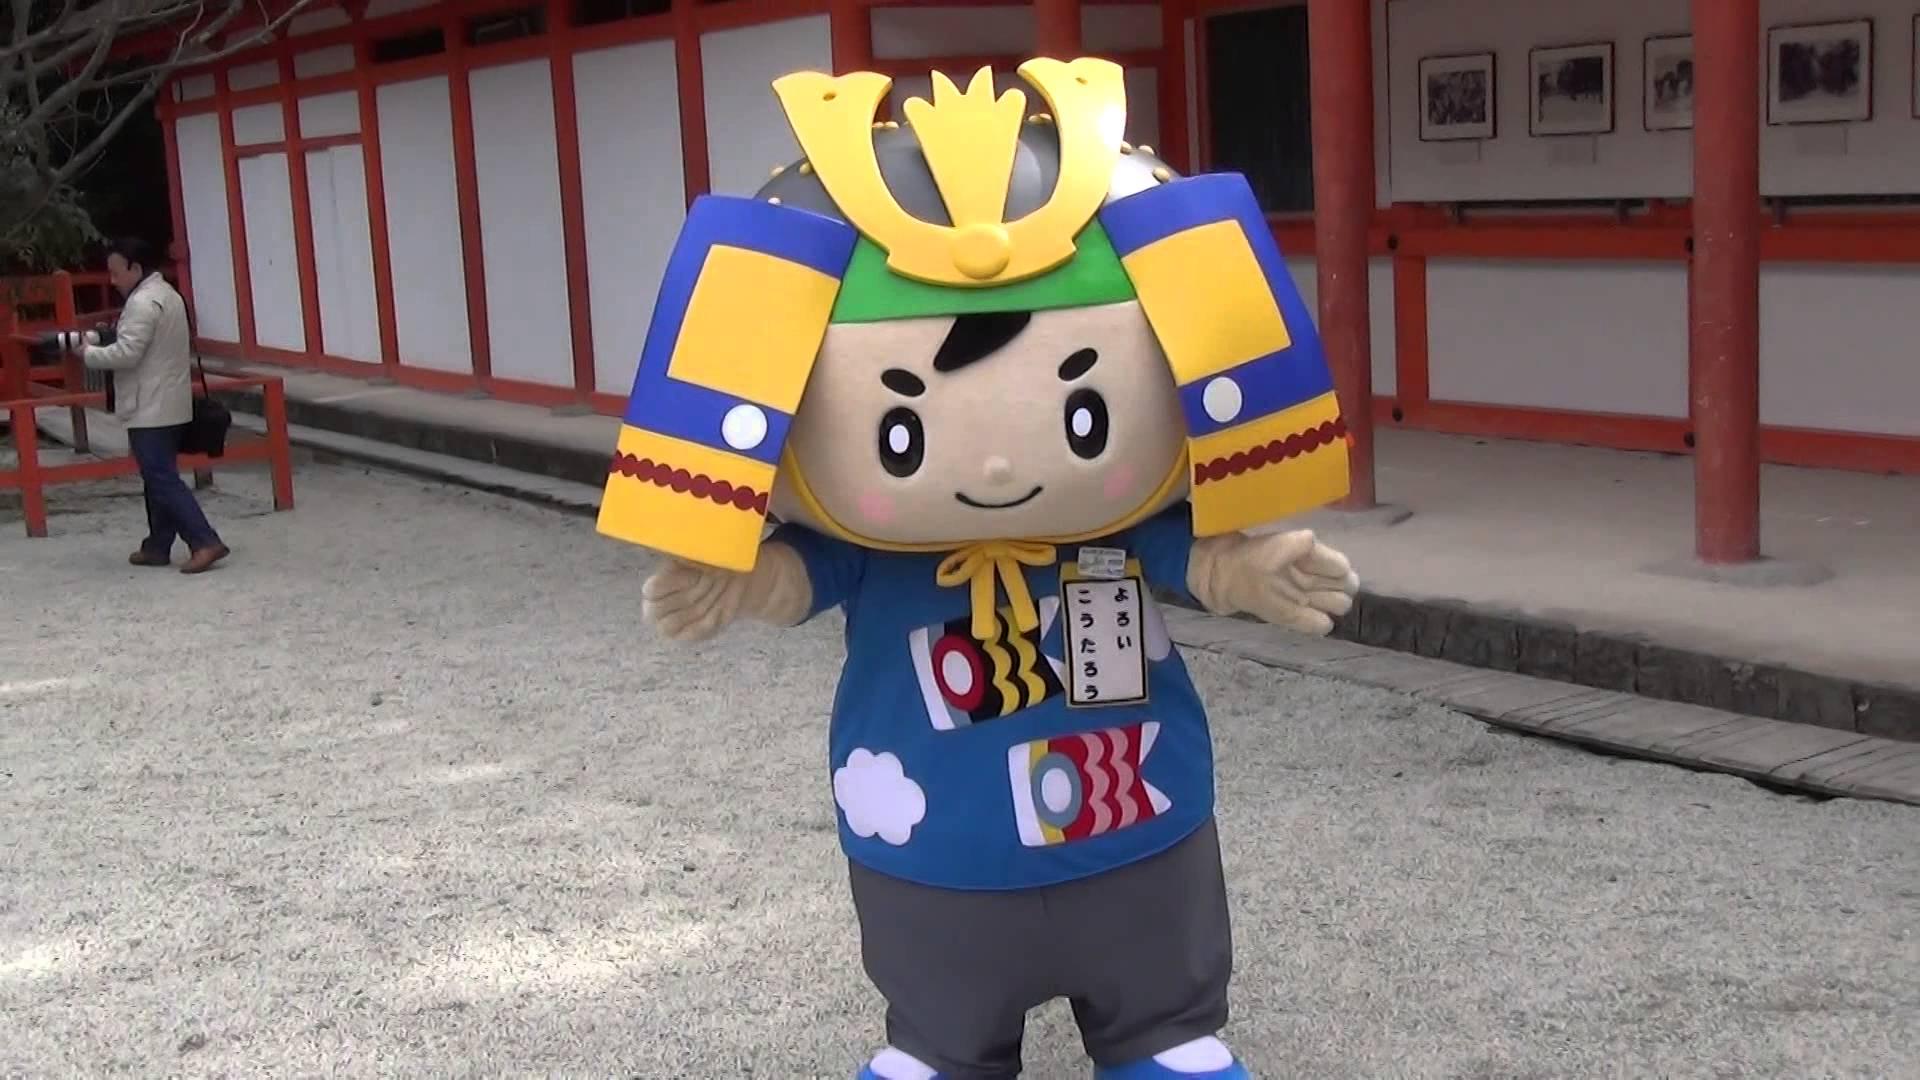 下鴨神社の流しびなの日にレビューした鎧 甲太郎 (よろい こうたろう) くんとレアなセミの抜け殻との遭遇